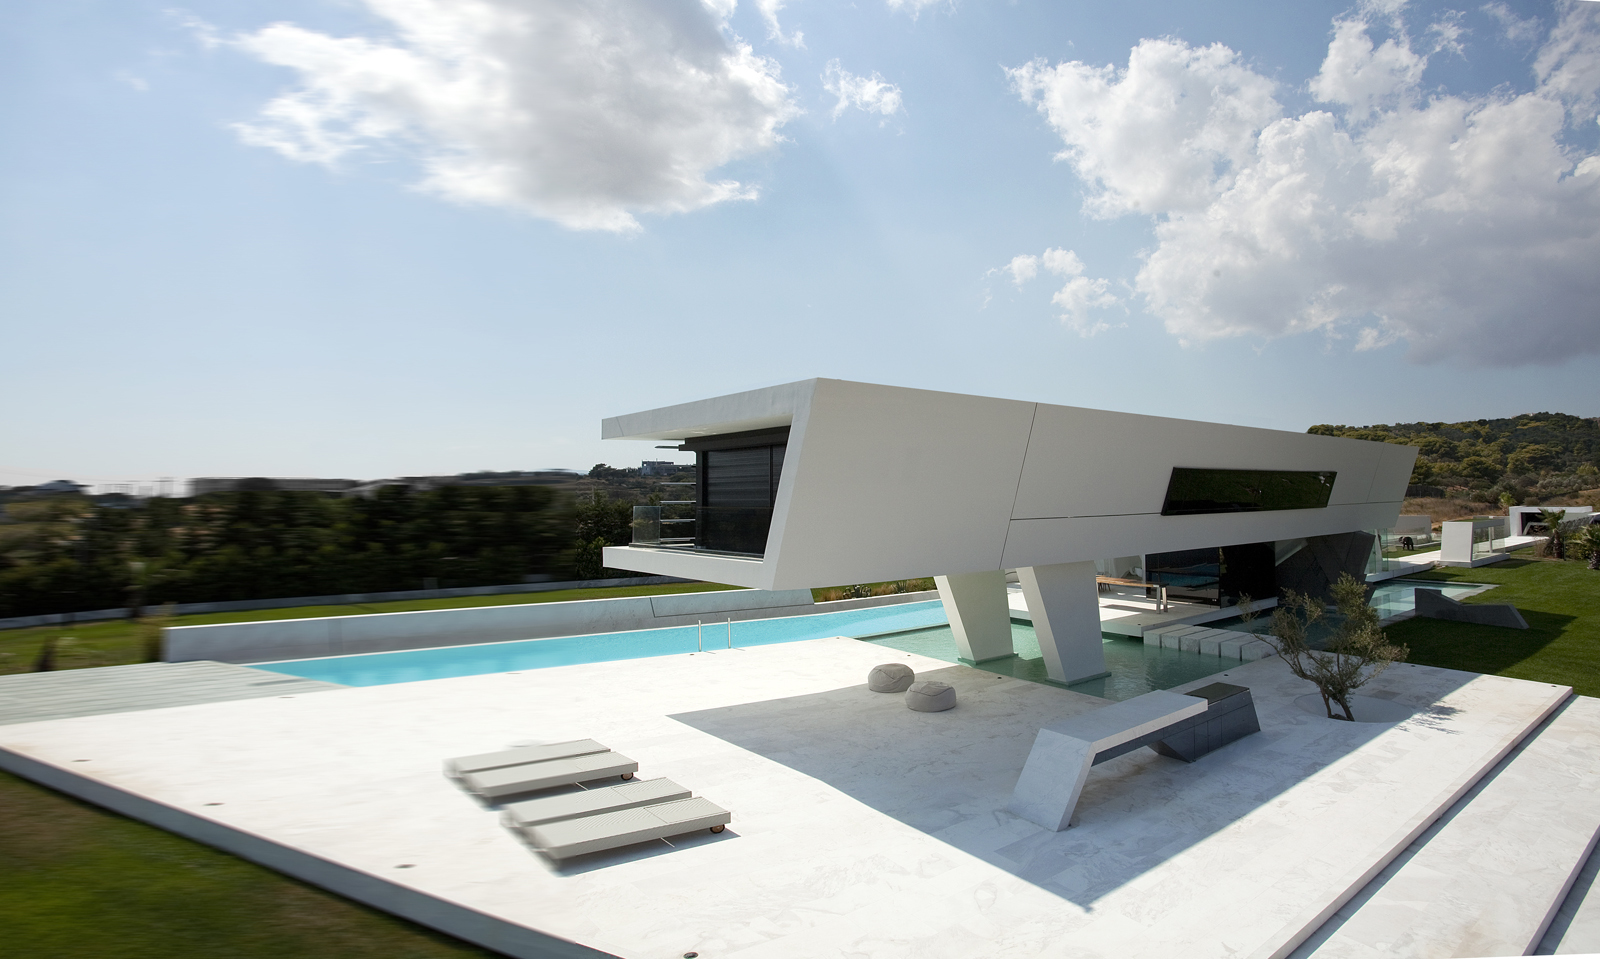 50dbb0d1b3fc4b323000010f h3 314 architecture studio 9l